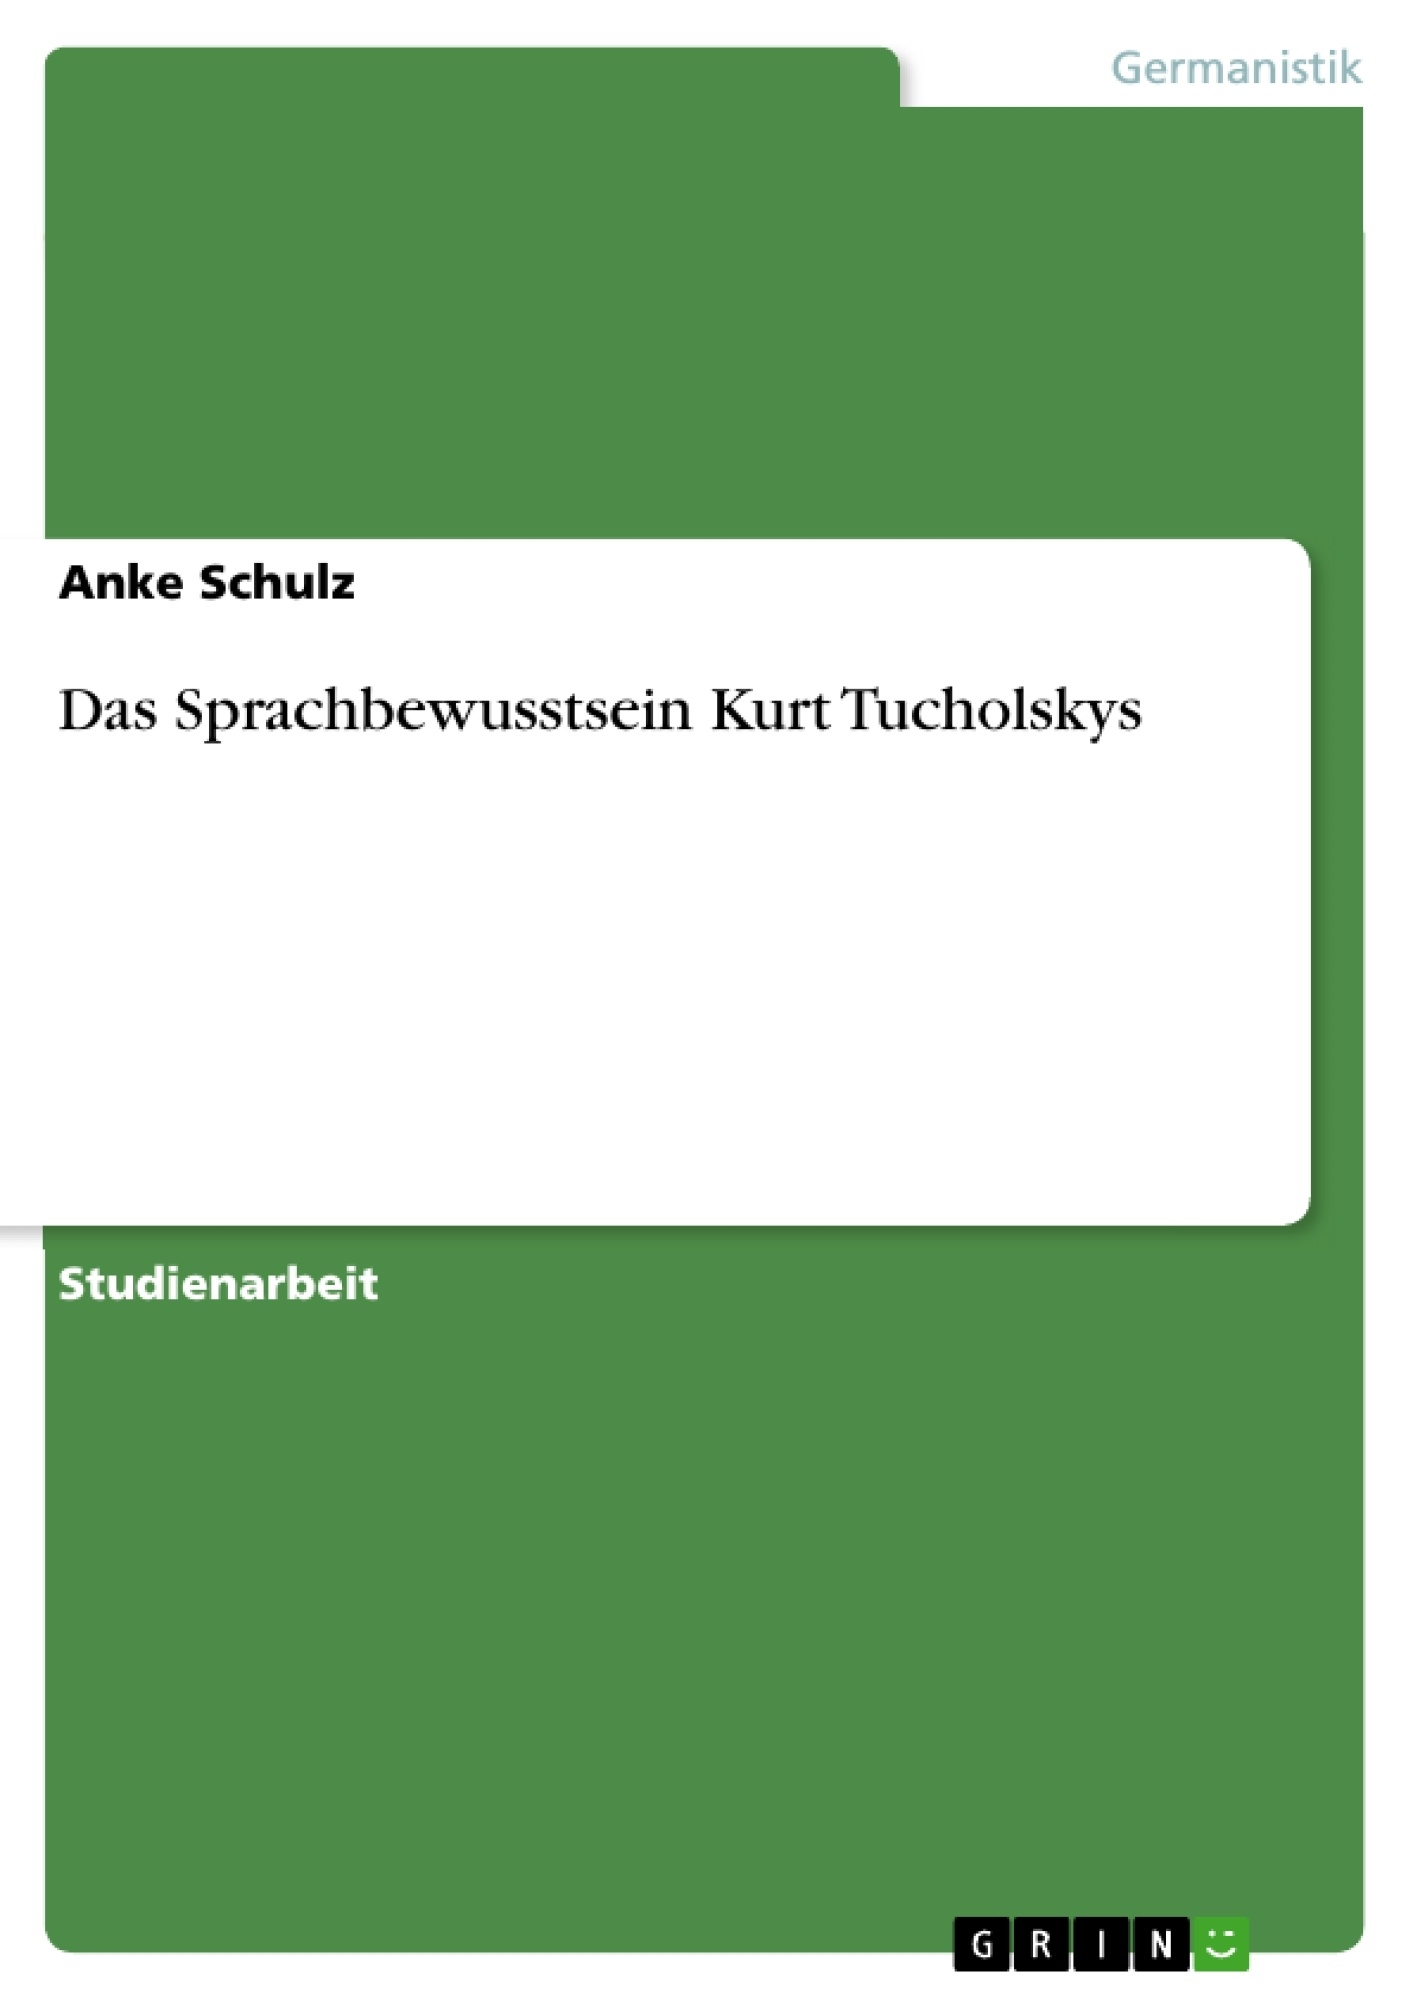 Titel: Das Sprachbewusstsein Kurt Tucholskys